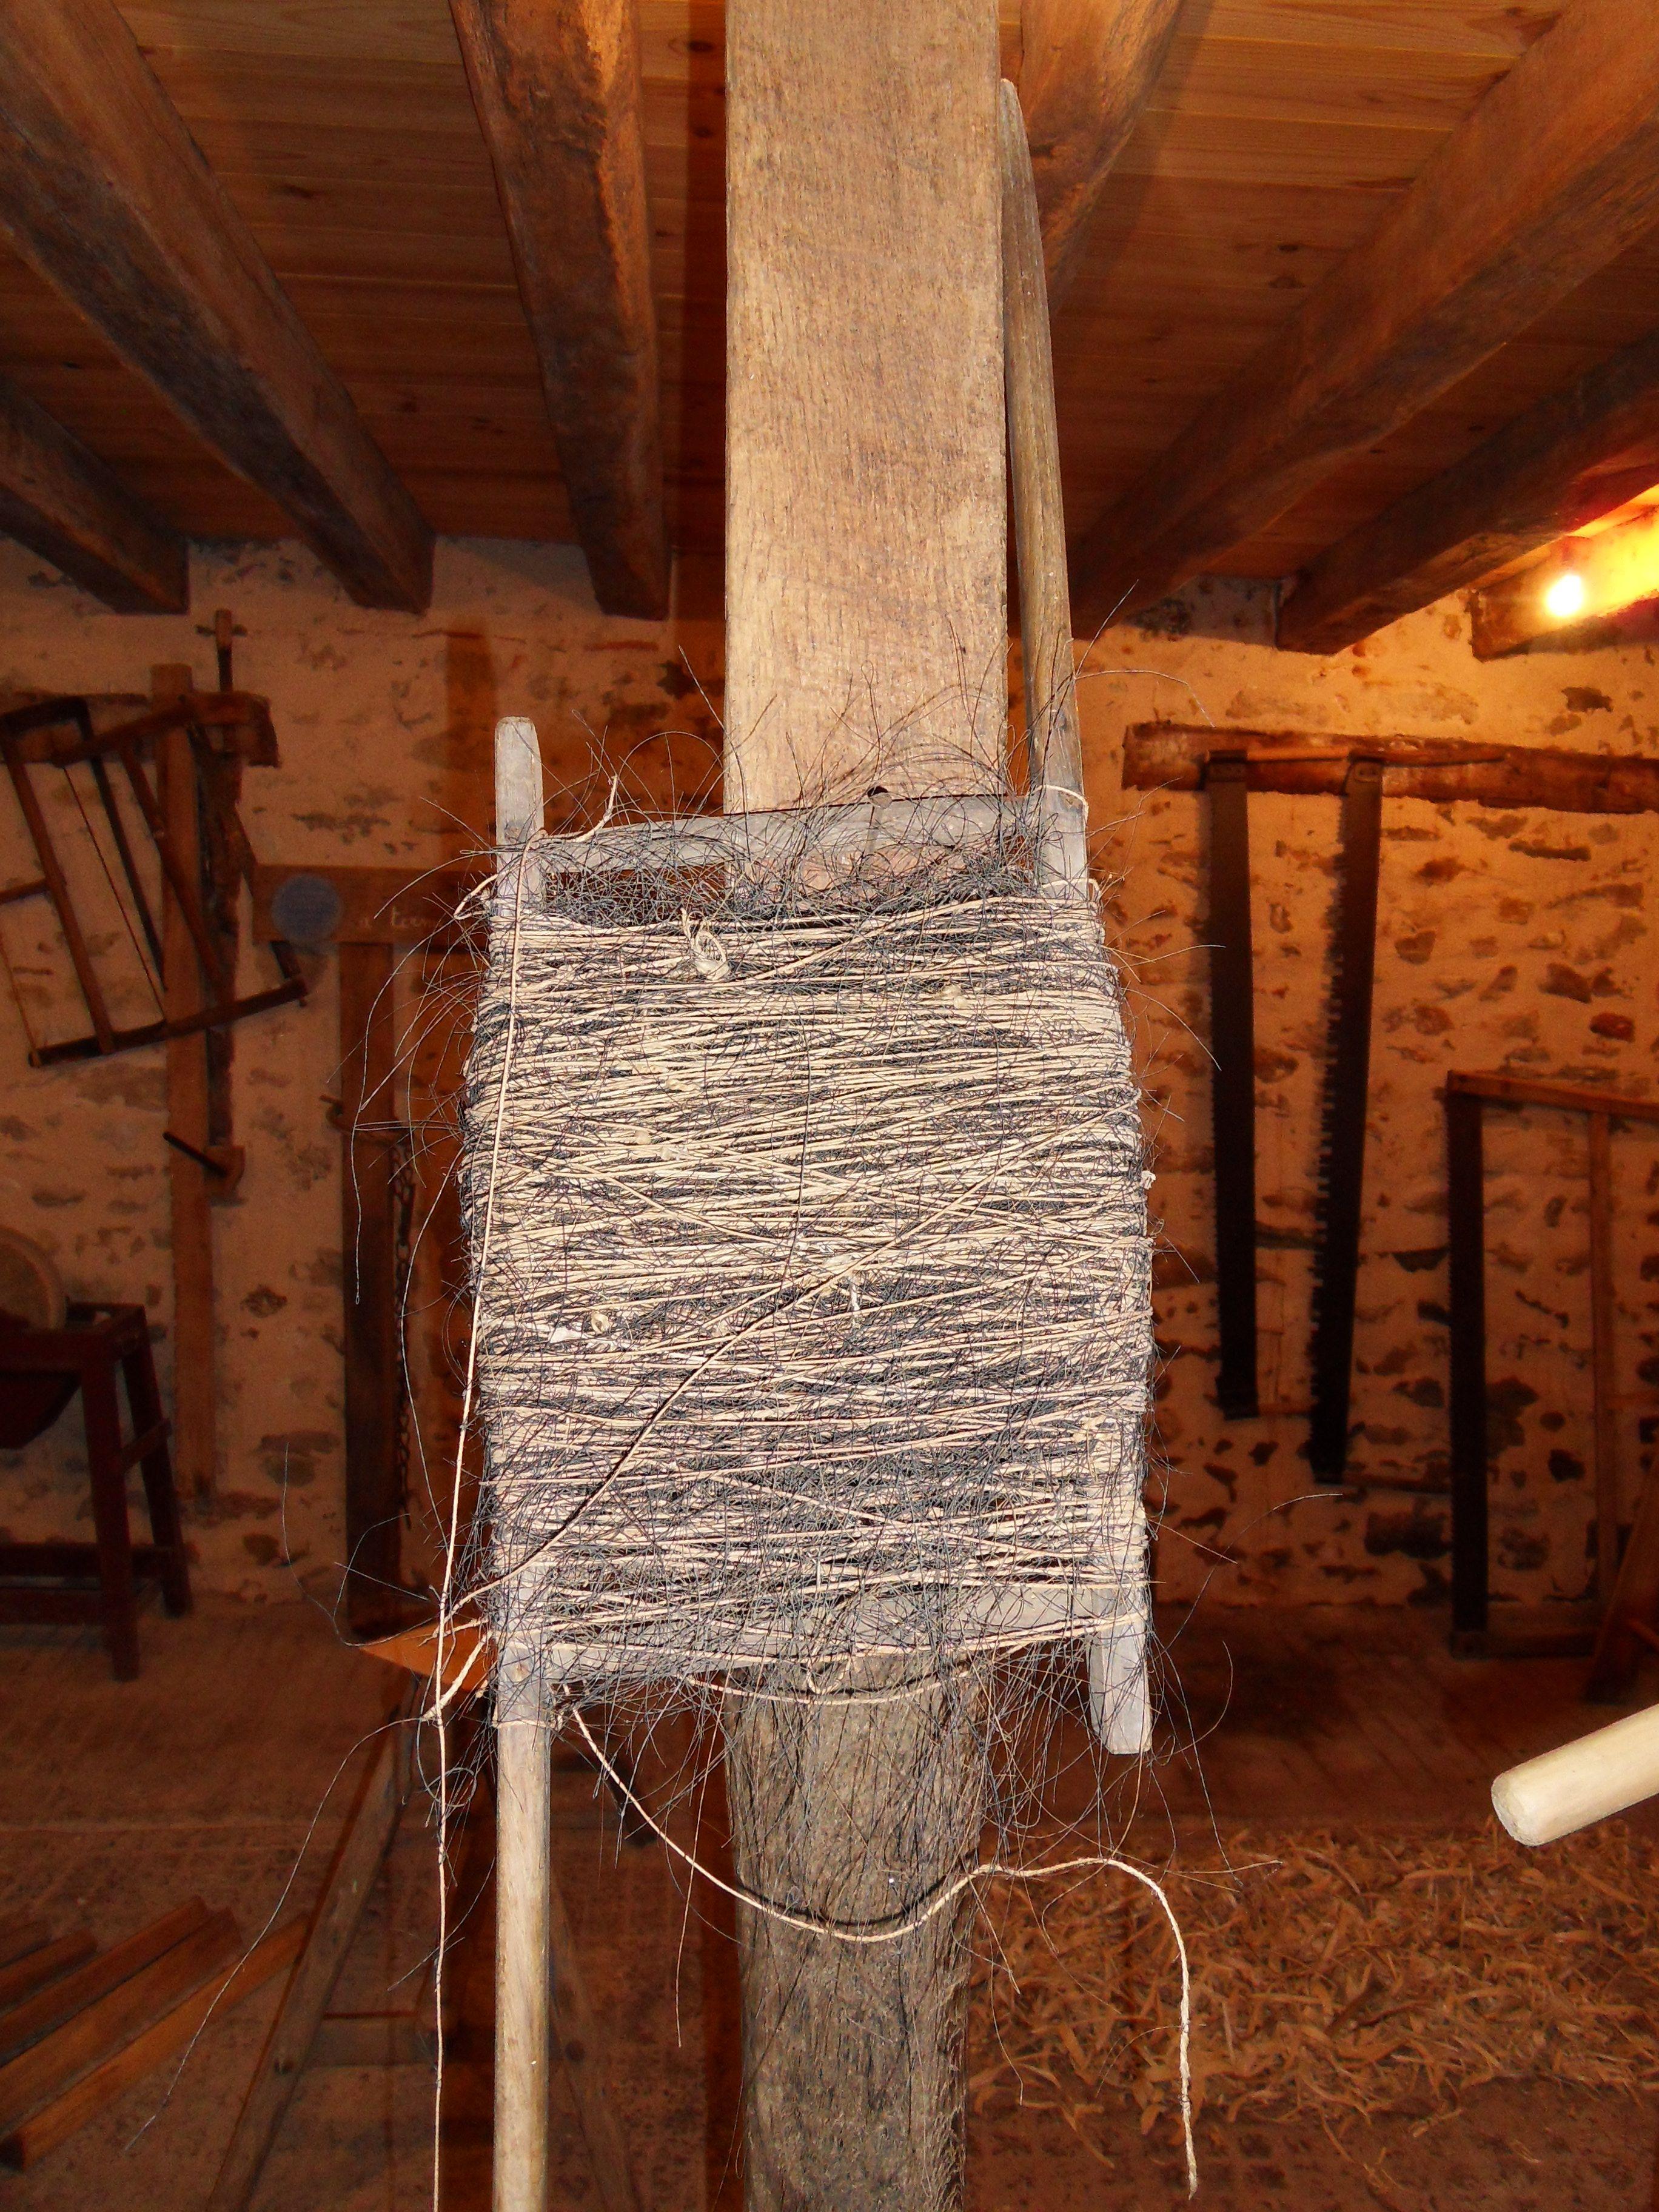 Une Saulnee Exposee A La Maison Des Traditions Ancien Piege A Alouette George Sand En A Donne Une Definition Complete Dans Un De Ses Alouette Maison Ancien